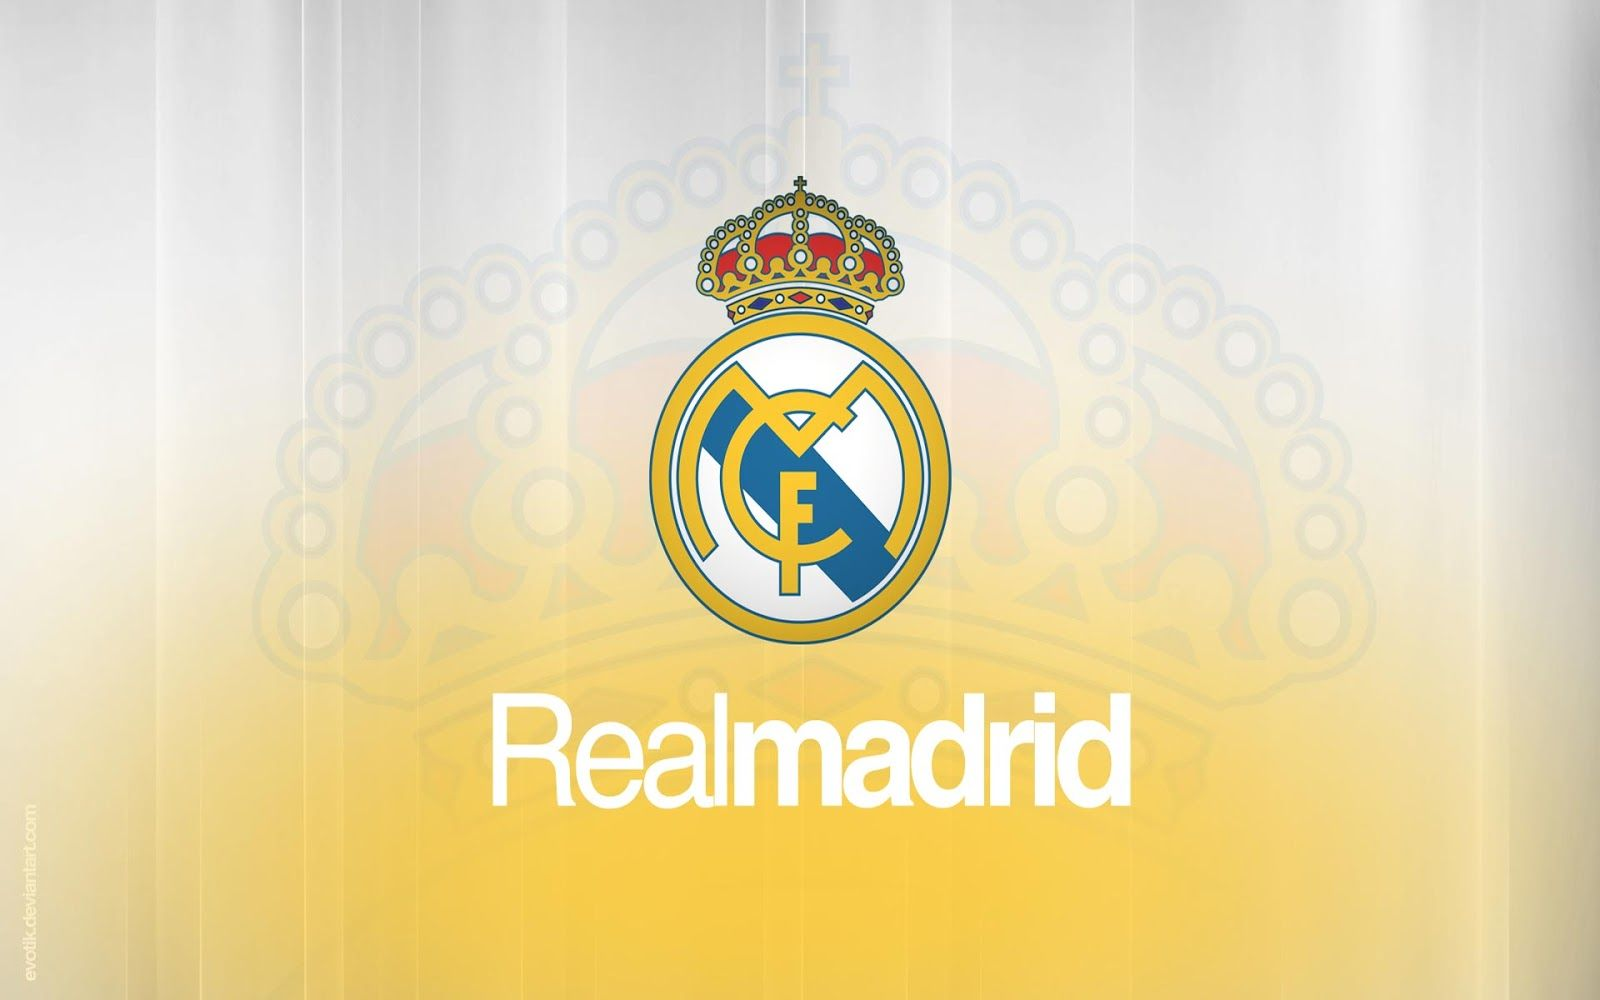 Real Madrid Logo Wallpaper Smooth Http Wallucky Com Real Madrid Logo Wallpaper Smooth Real Madrid Madrid Futebol